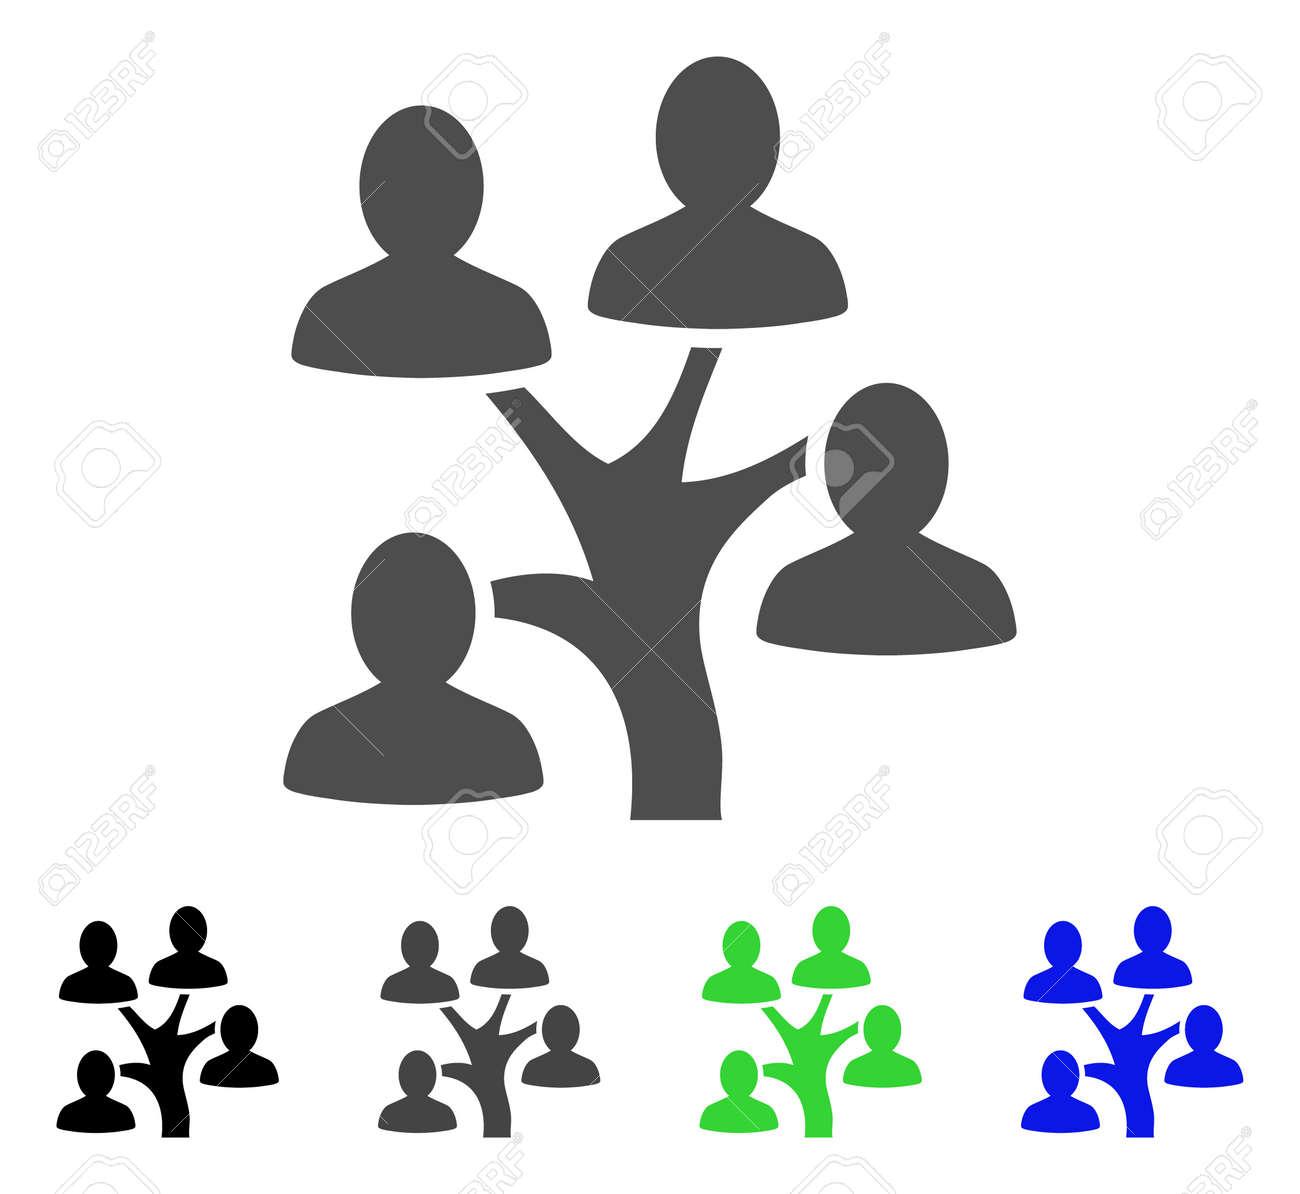 Rbol De La Genealogía Icono Plano Del Vector árbol Genealógico Coloreado Gris Negro Azul Versiones Verdes Del Icono Estilo De Iconos Planos Para